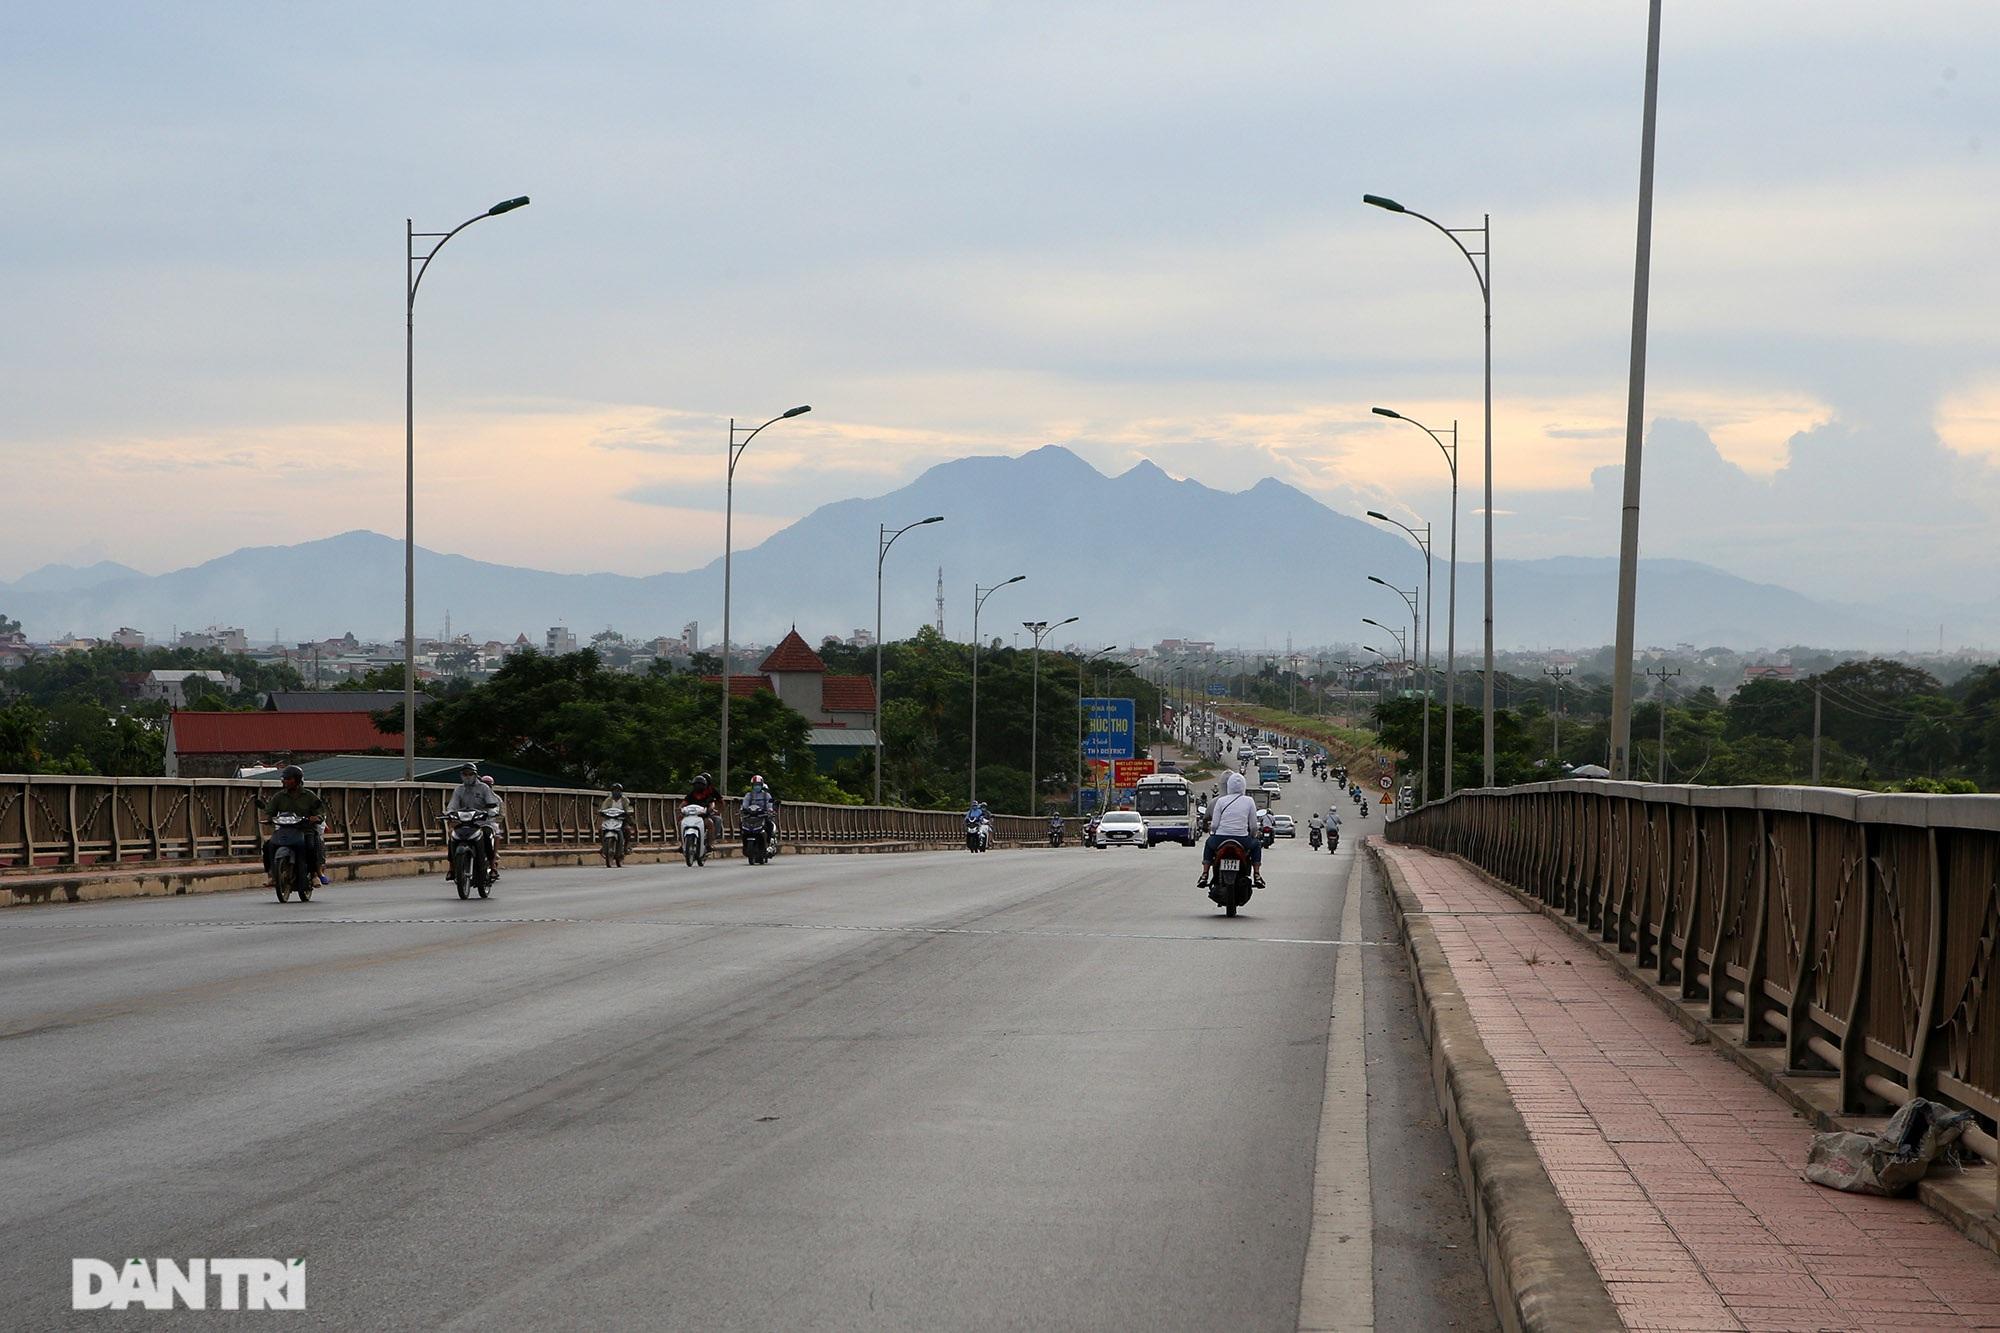 Núi thiêng gần Hà Nội đẹp mê mải nhìn từ muôn phương tám hướng - 2